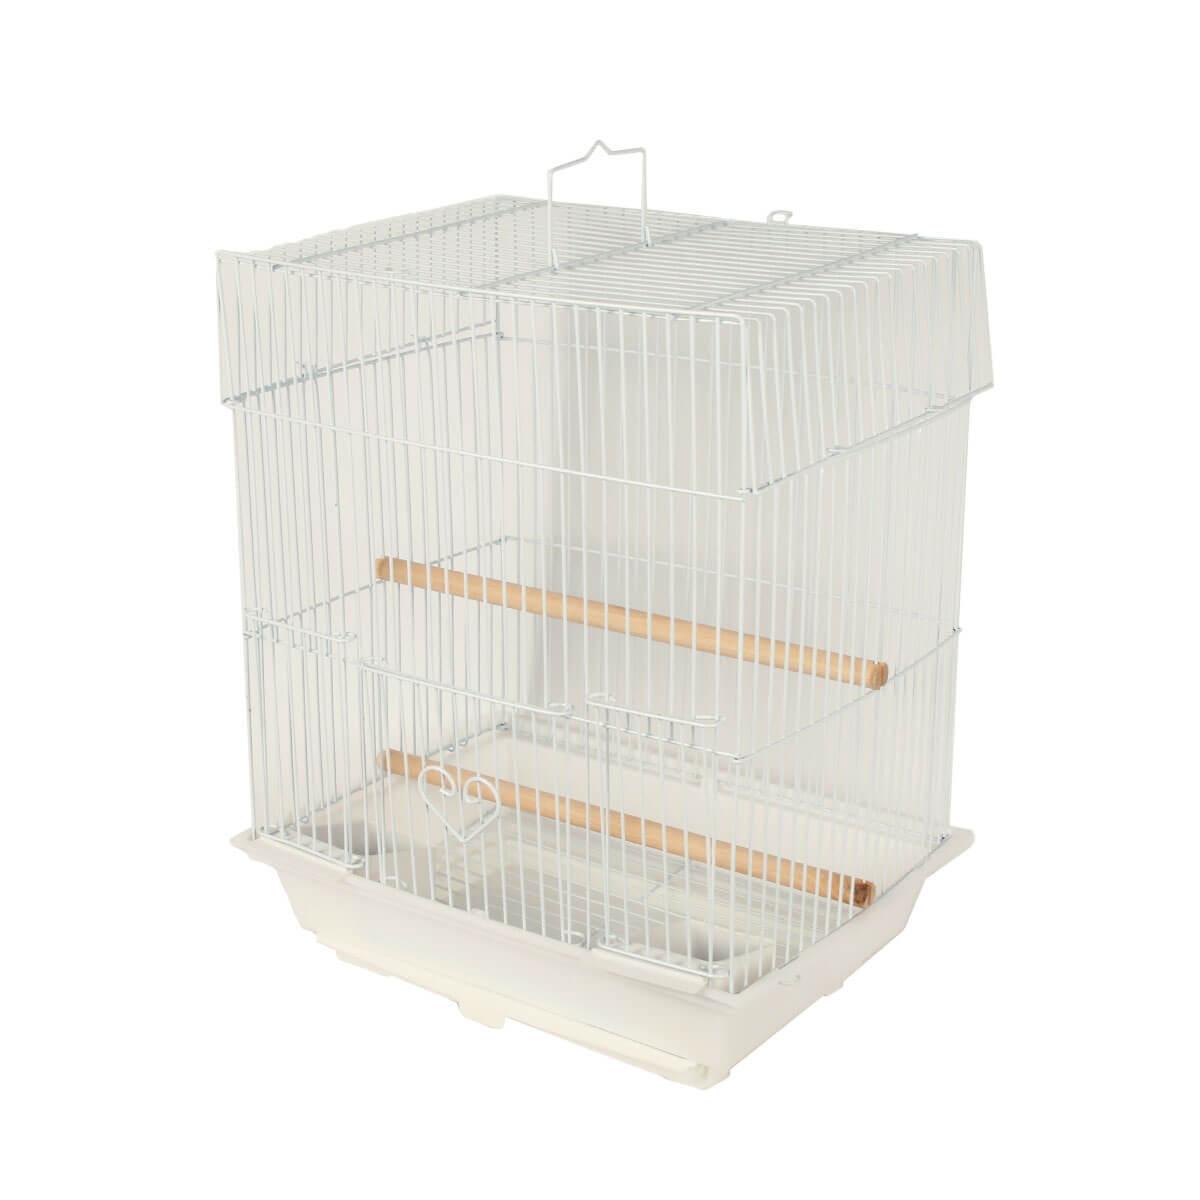 cage de transport pour oiseaux zolia ditus 28 x 20 x h38cm. Black Bedroom Furniture Sets. Home Design Ideas